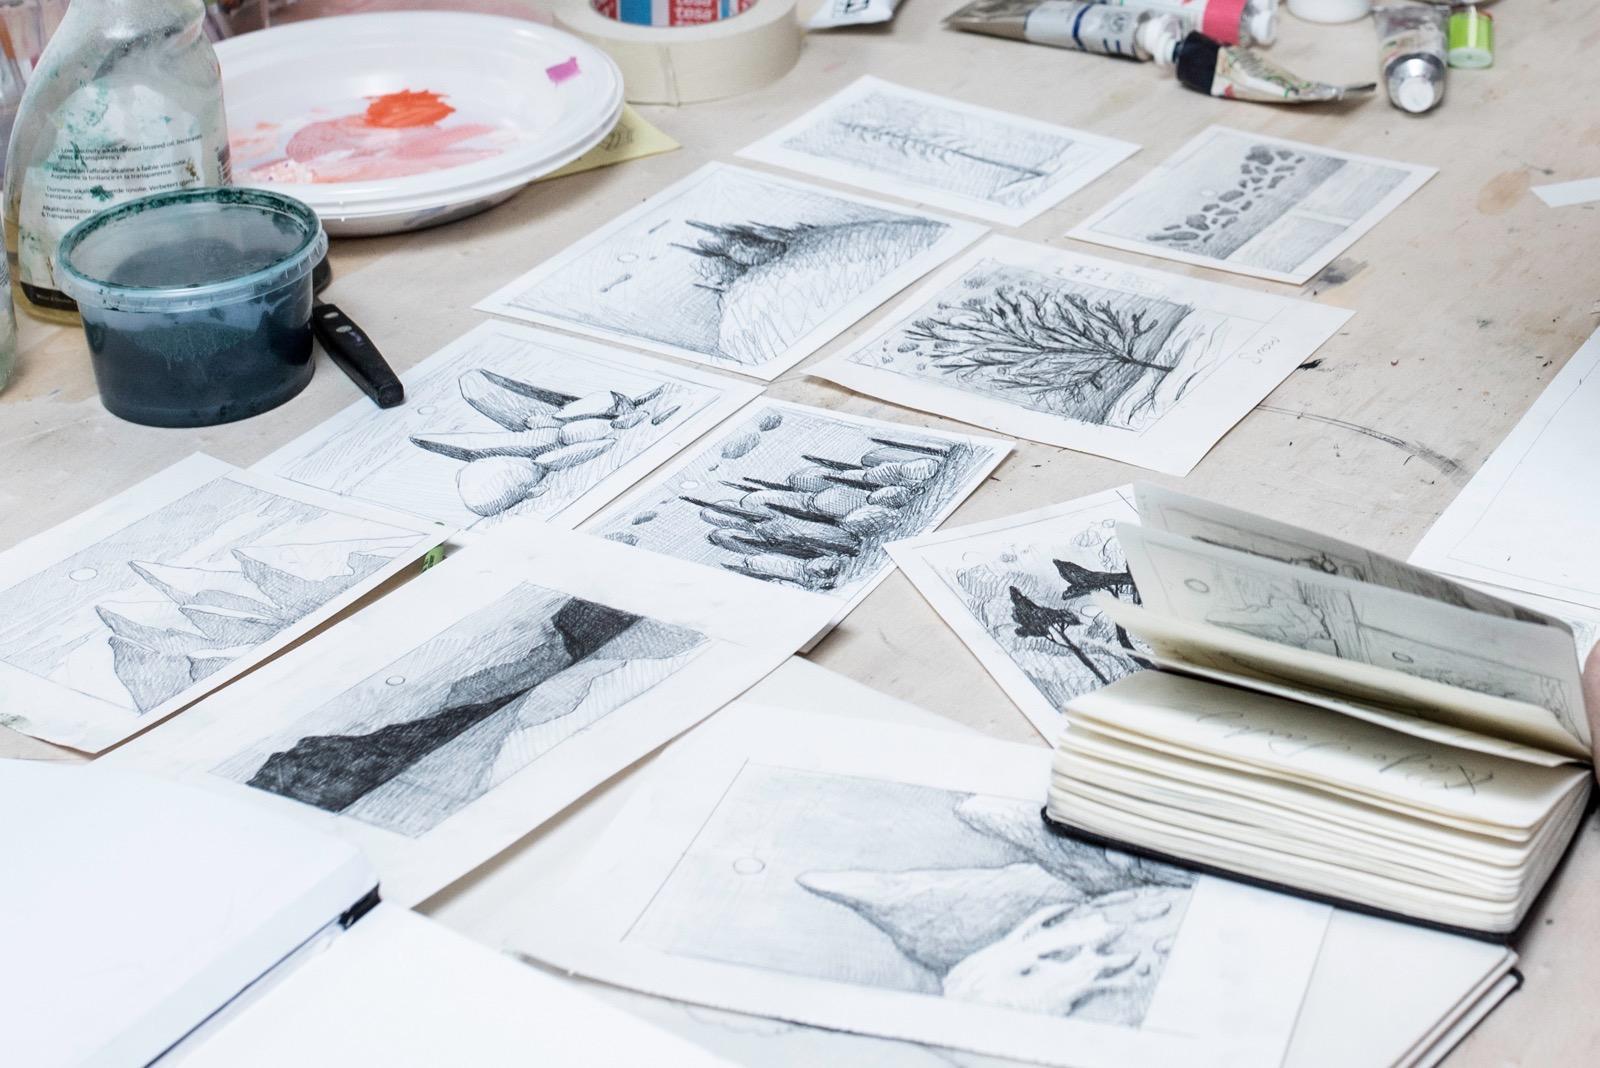 Sketches by Nicolas Party